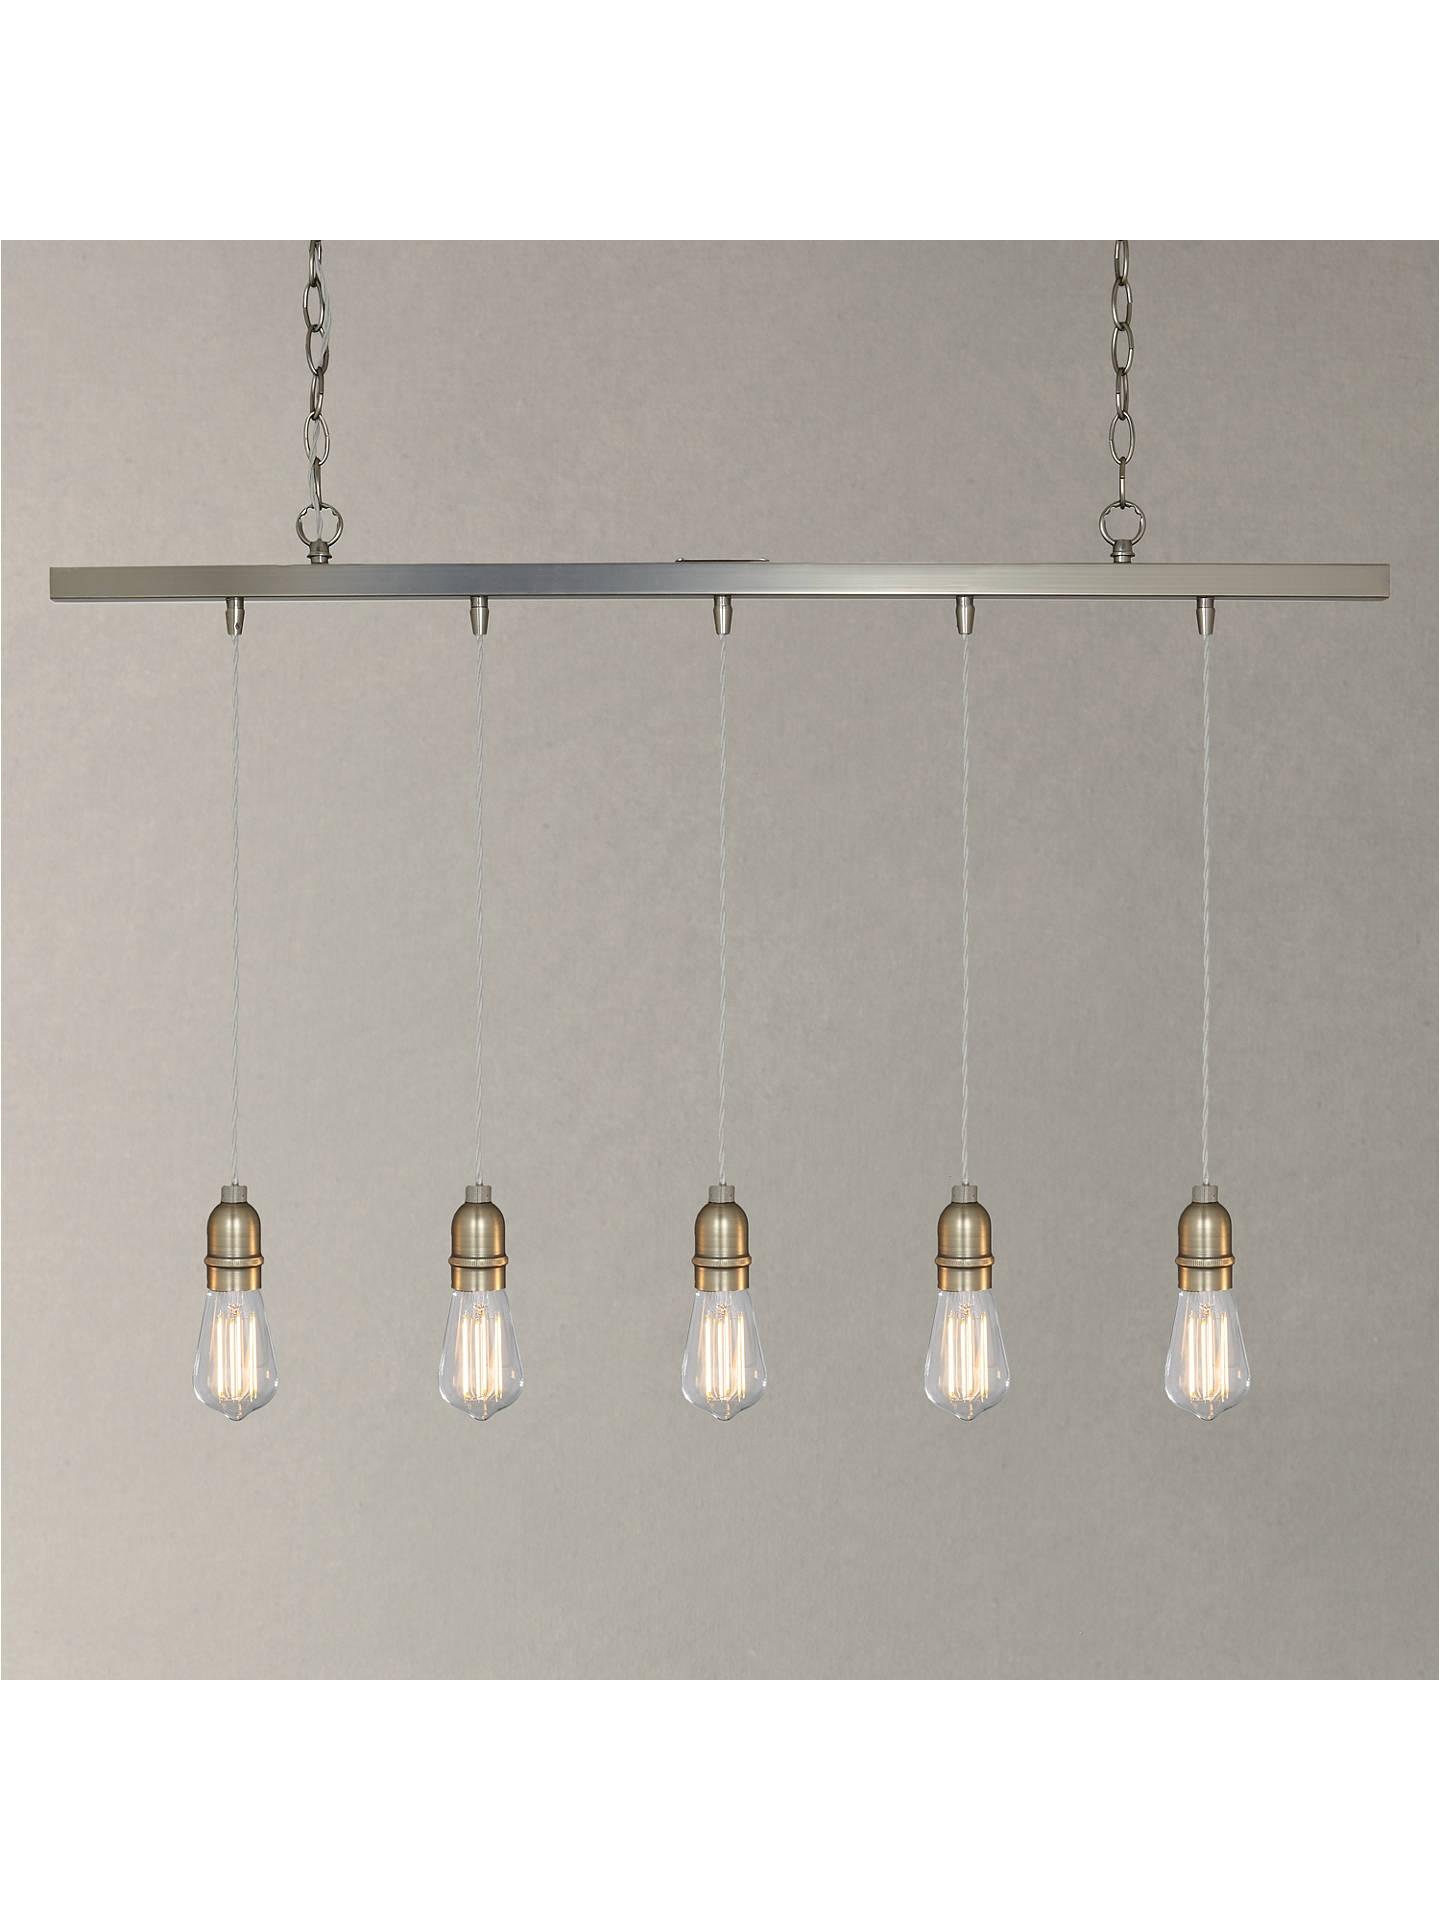 buyjohn lewis bistro bar pendant ceiling light 5 light pewter online at johnlewis